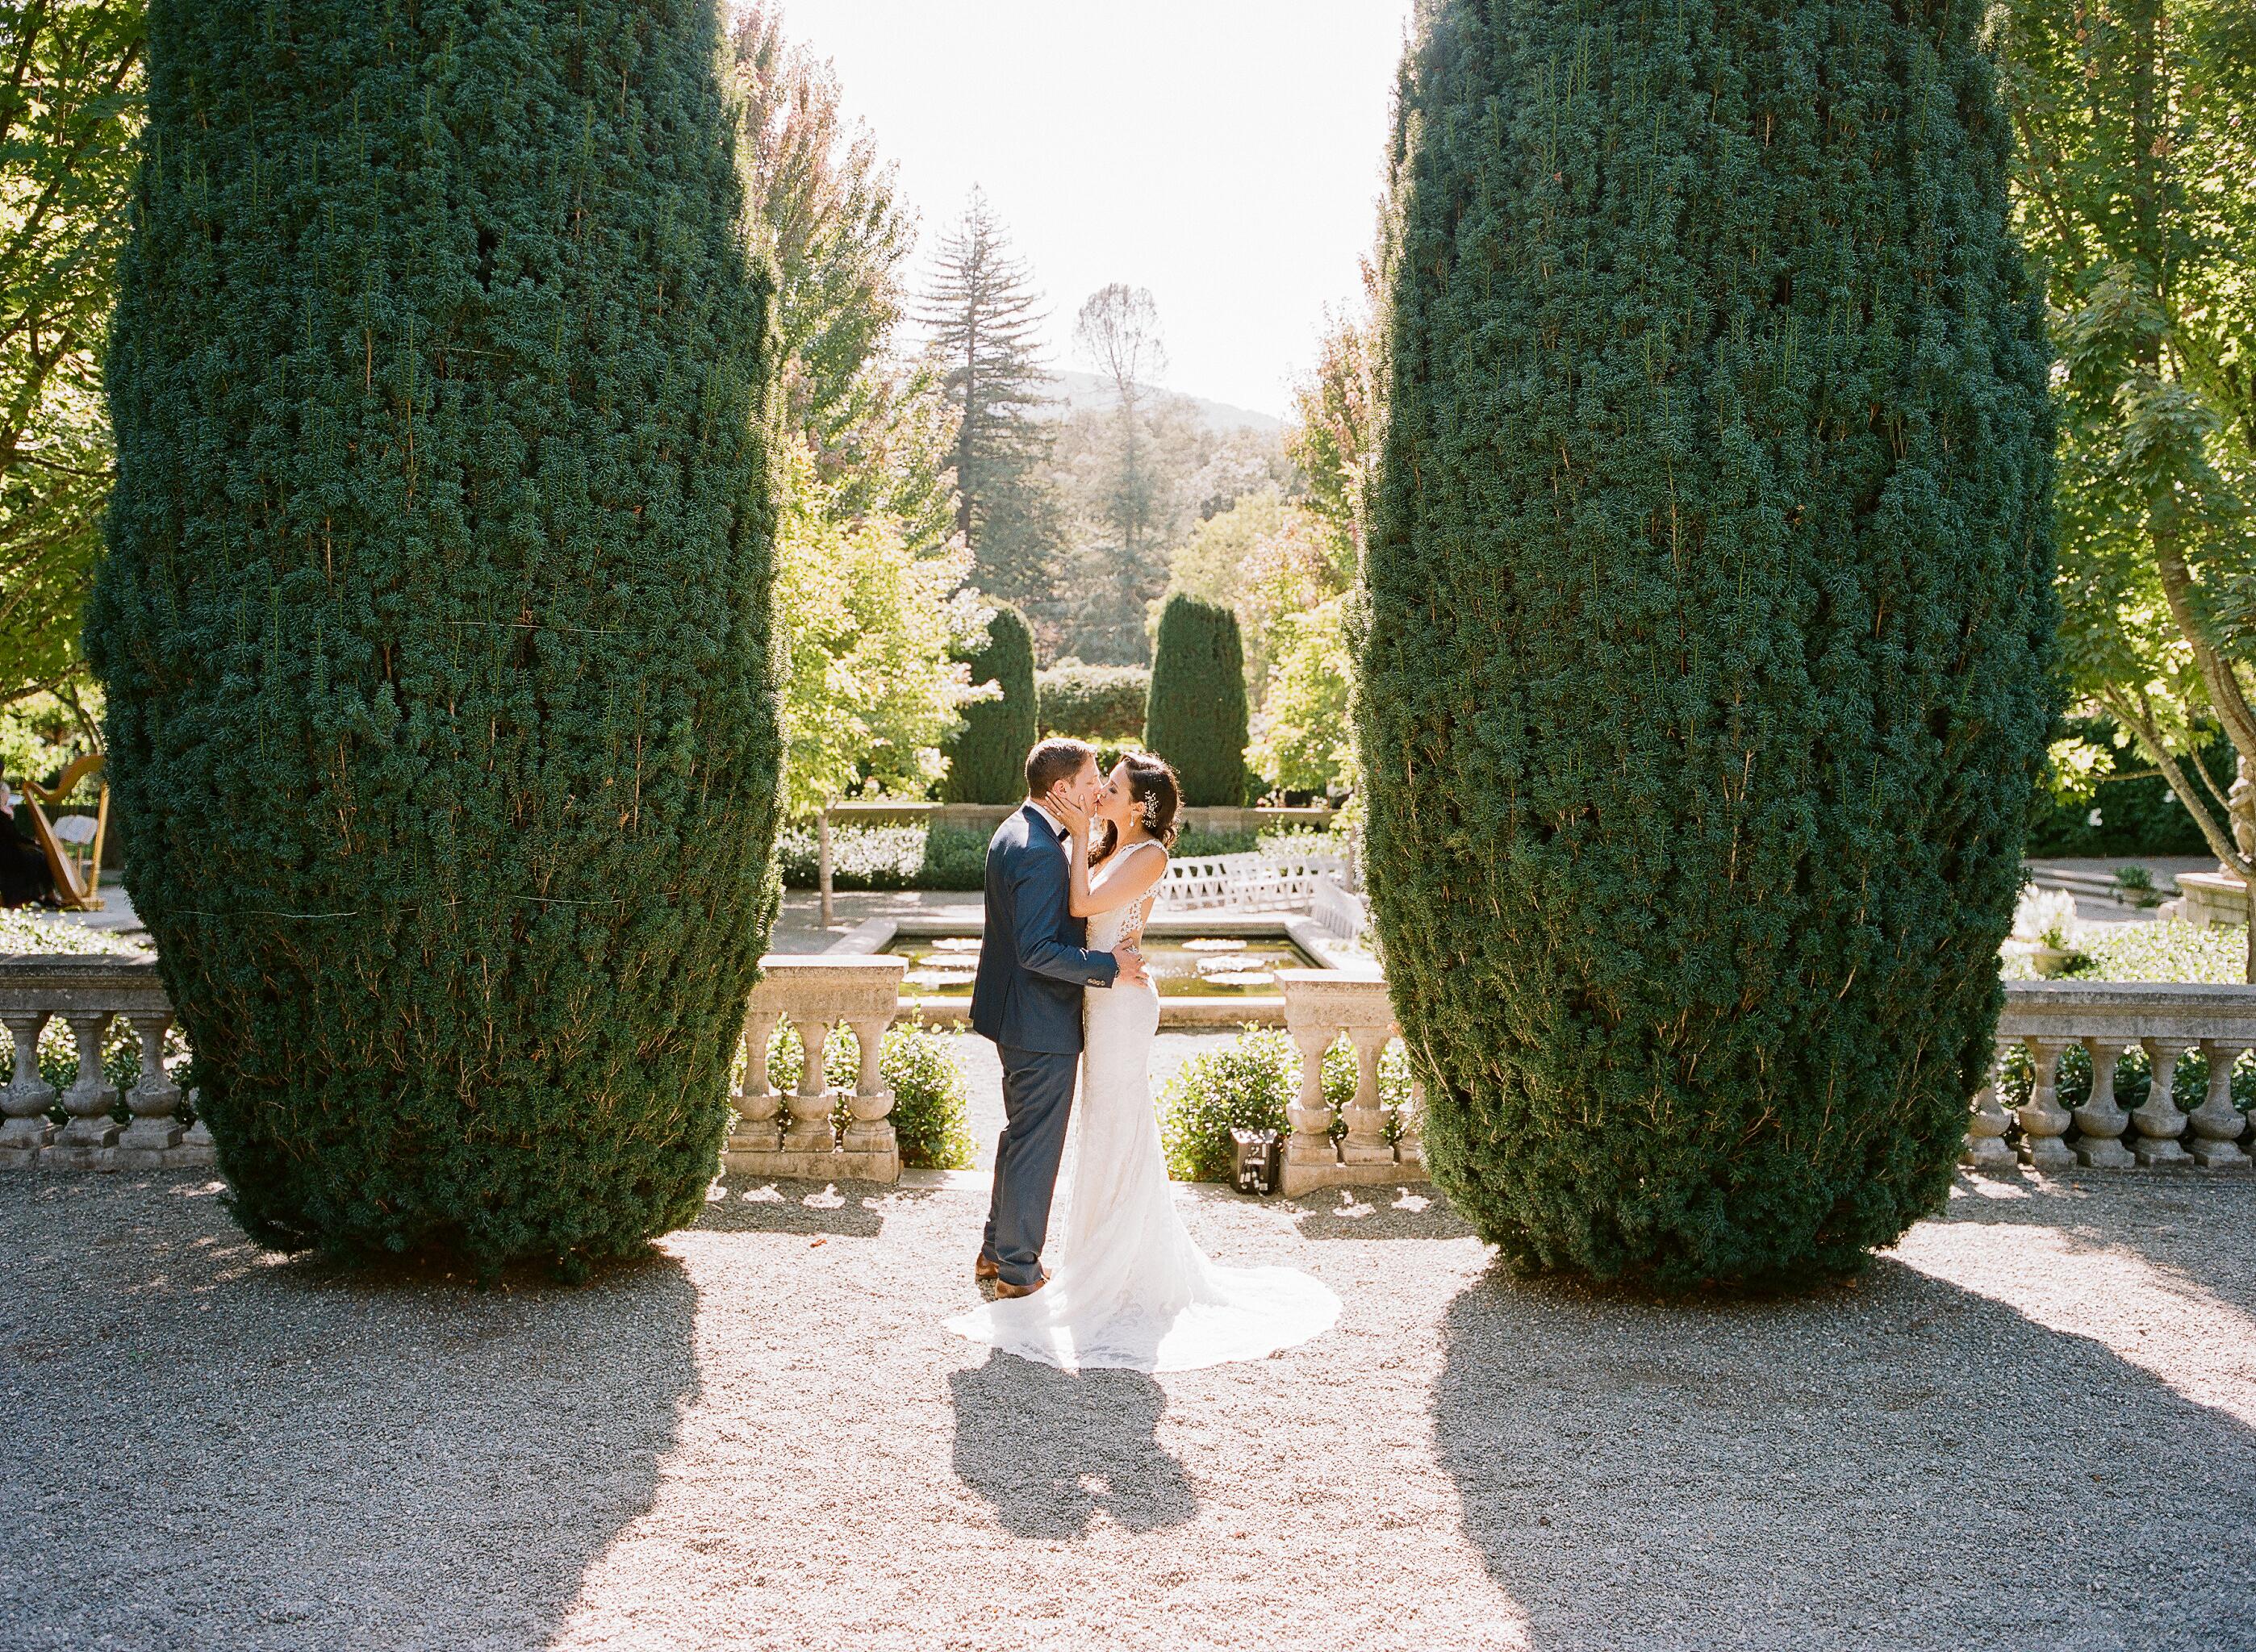 Romantic Outdoor Wedding - Brown Paper Design